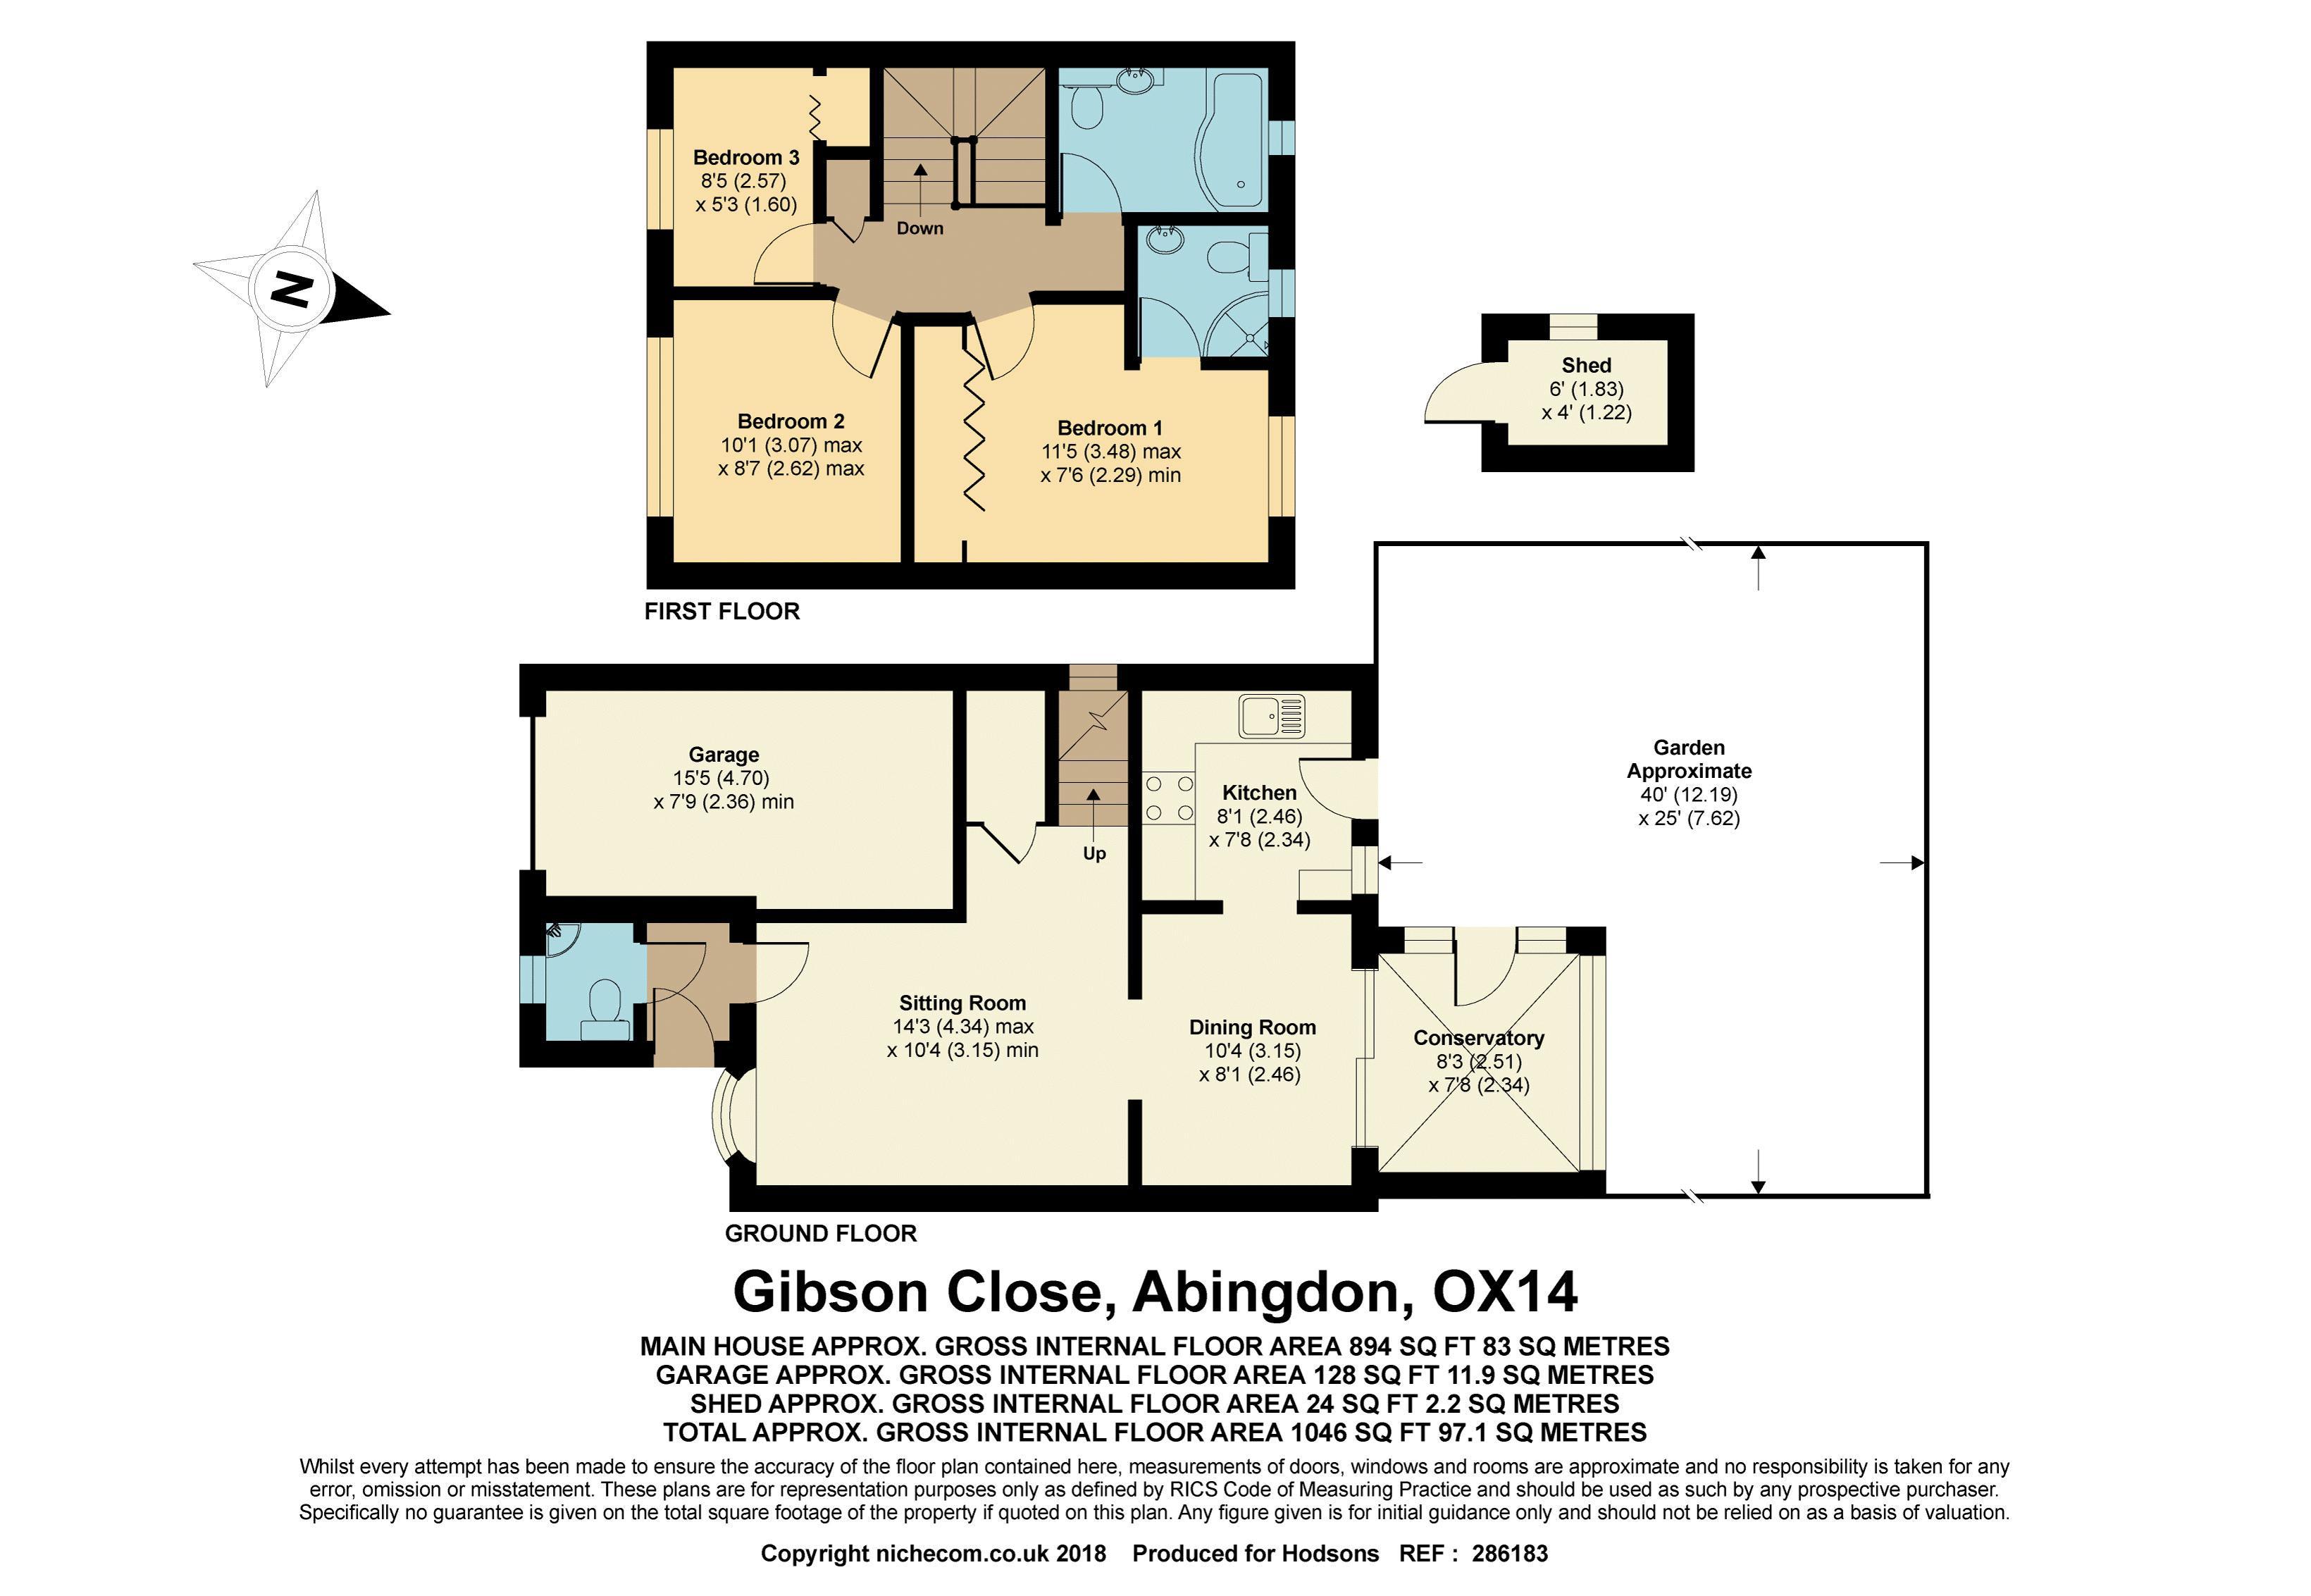 Gibson Close